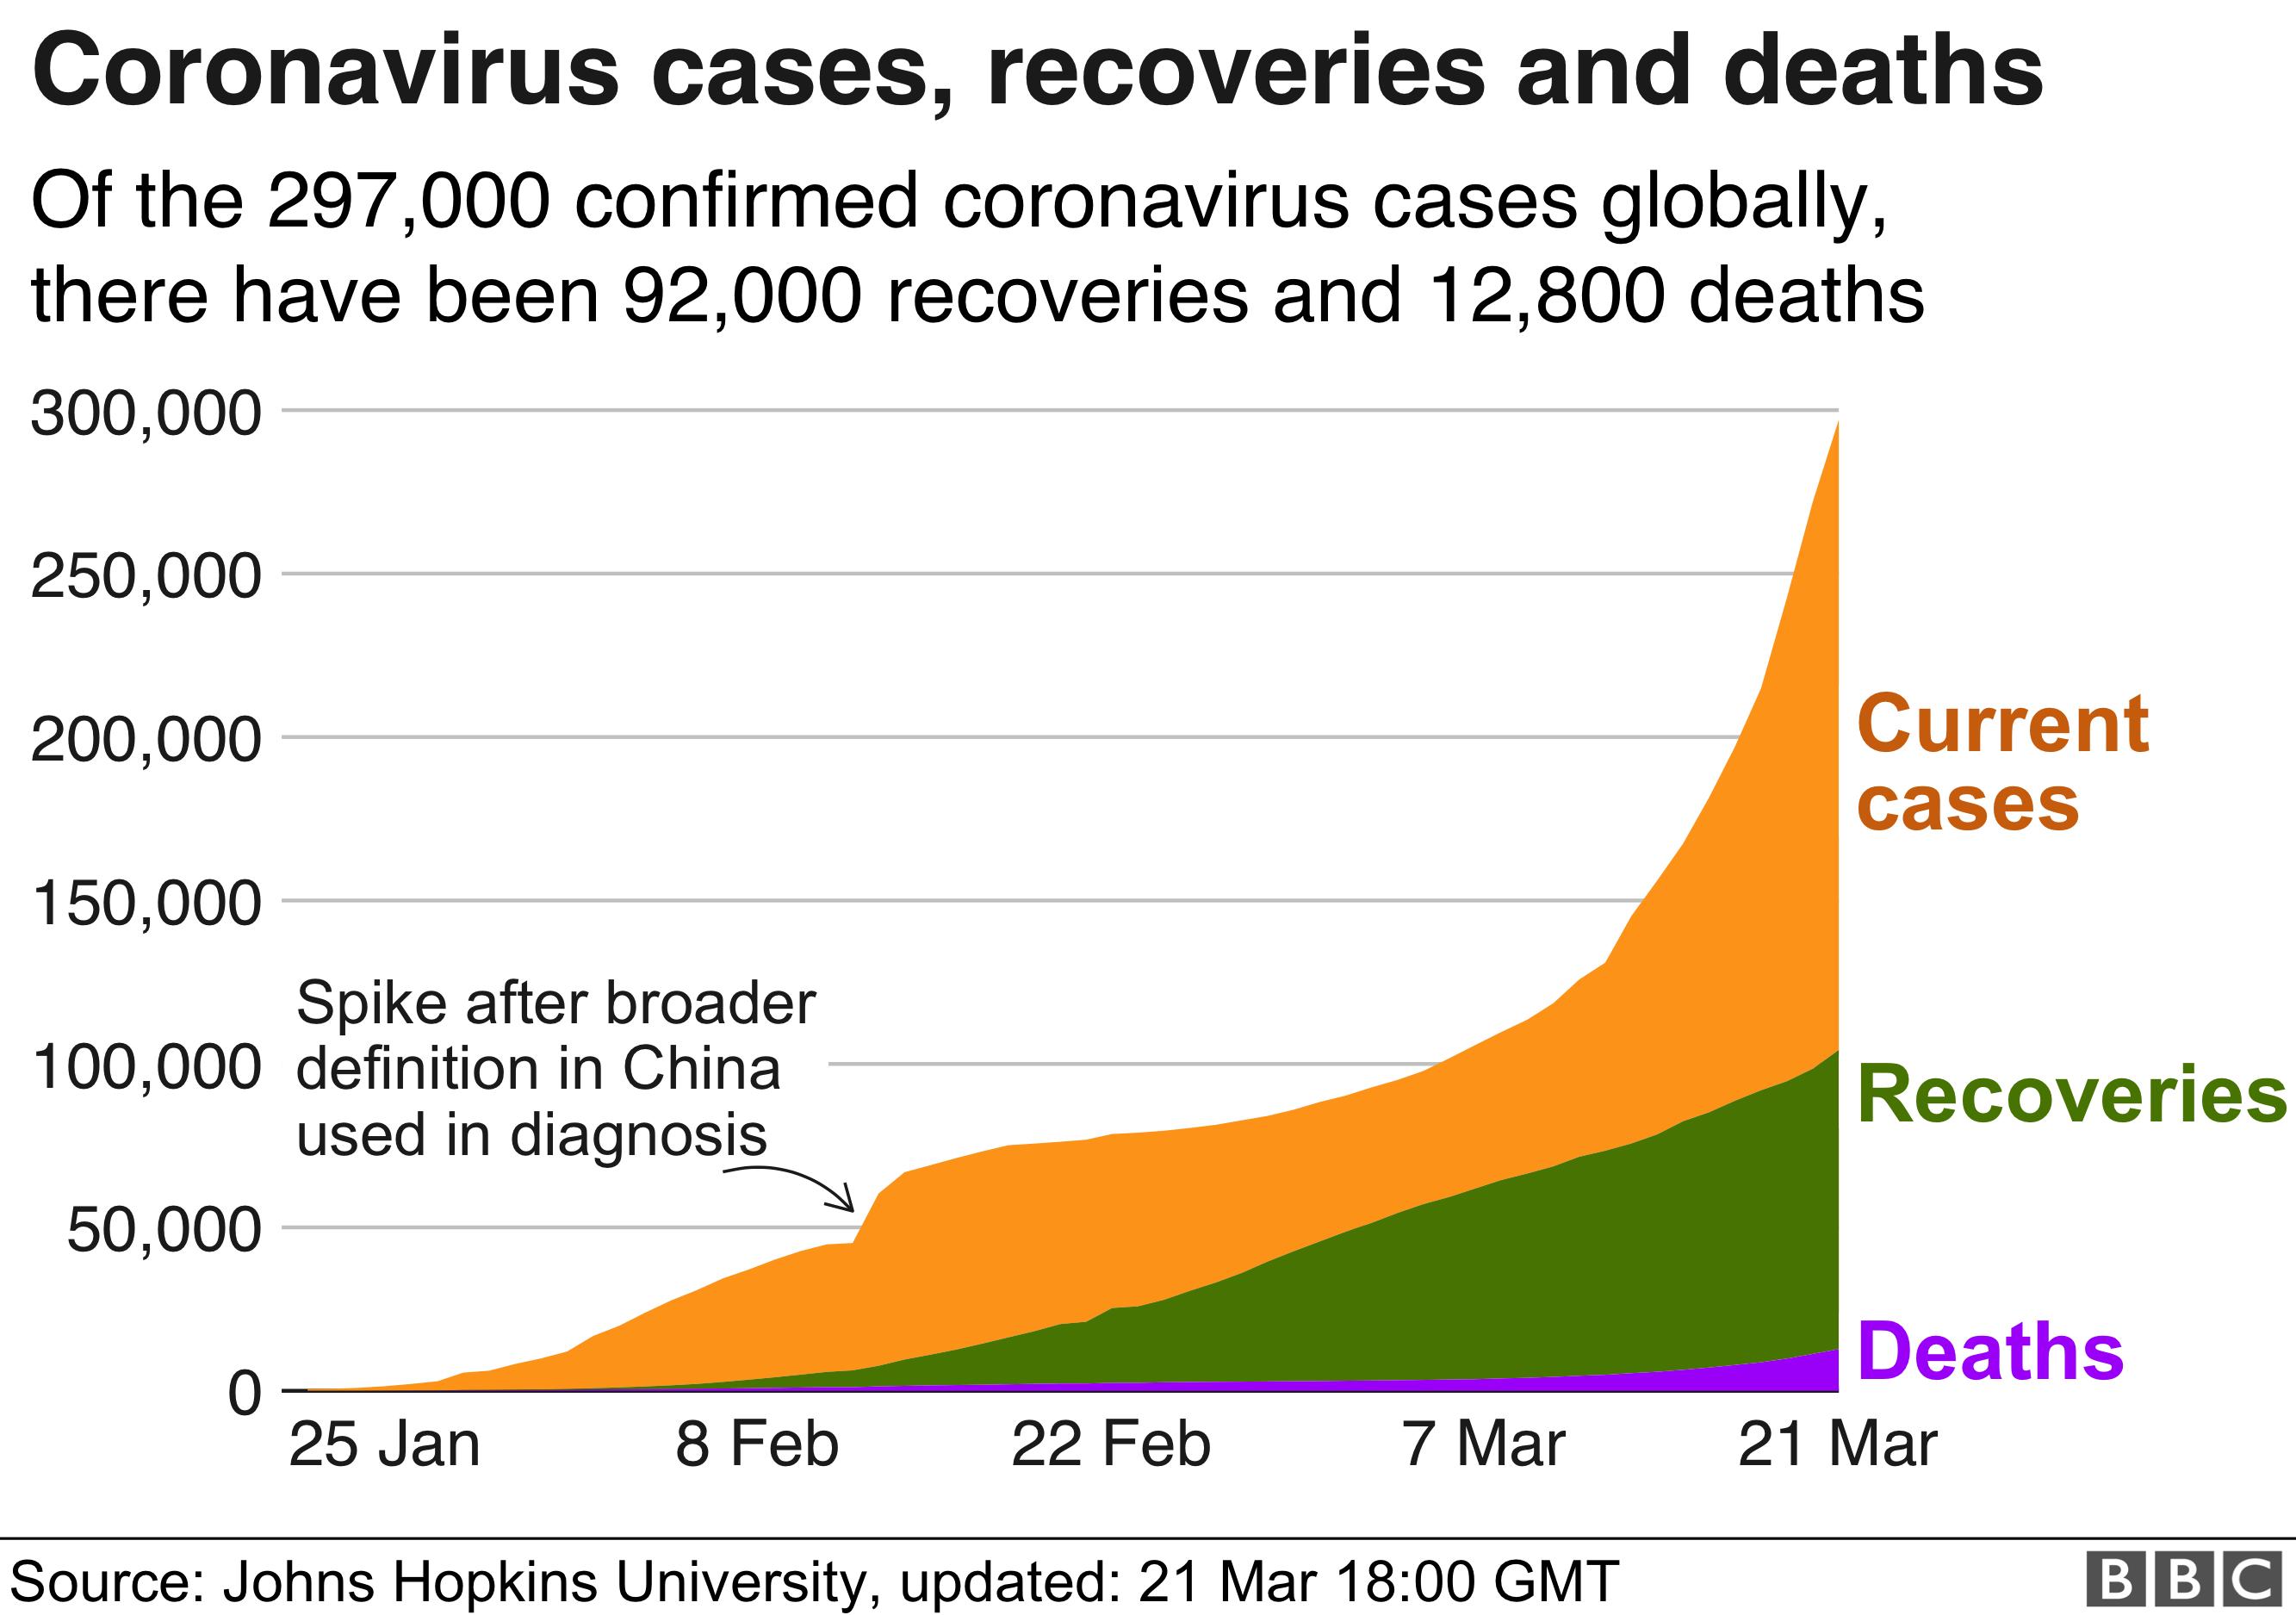 该图显示了病例,康复和死亡人数